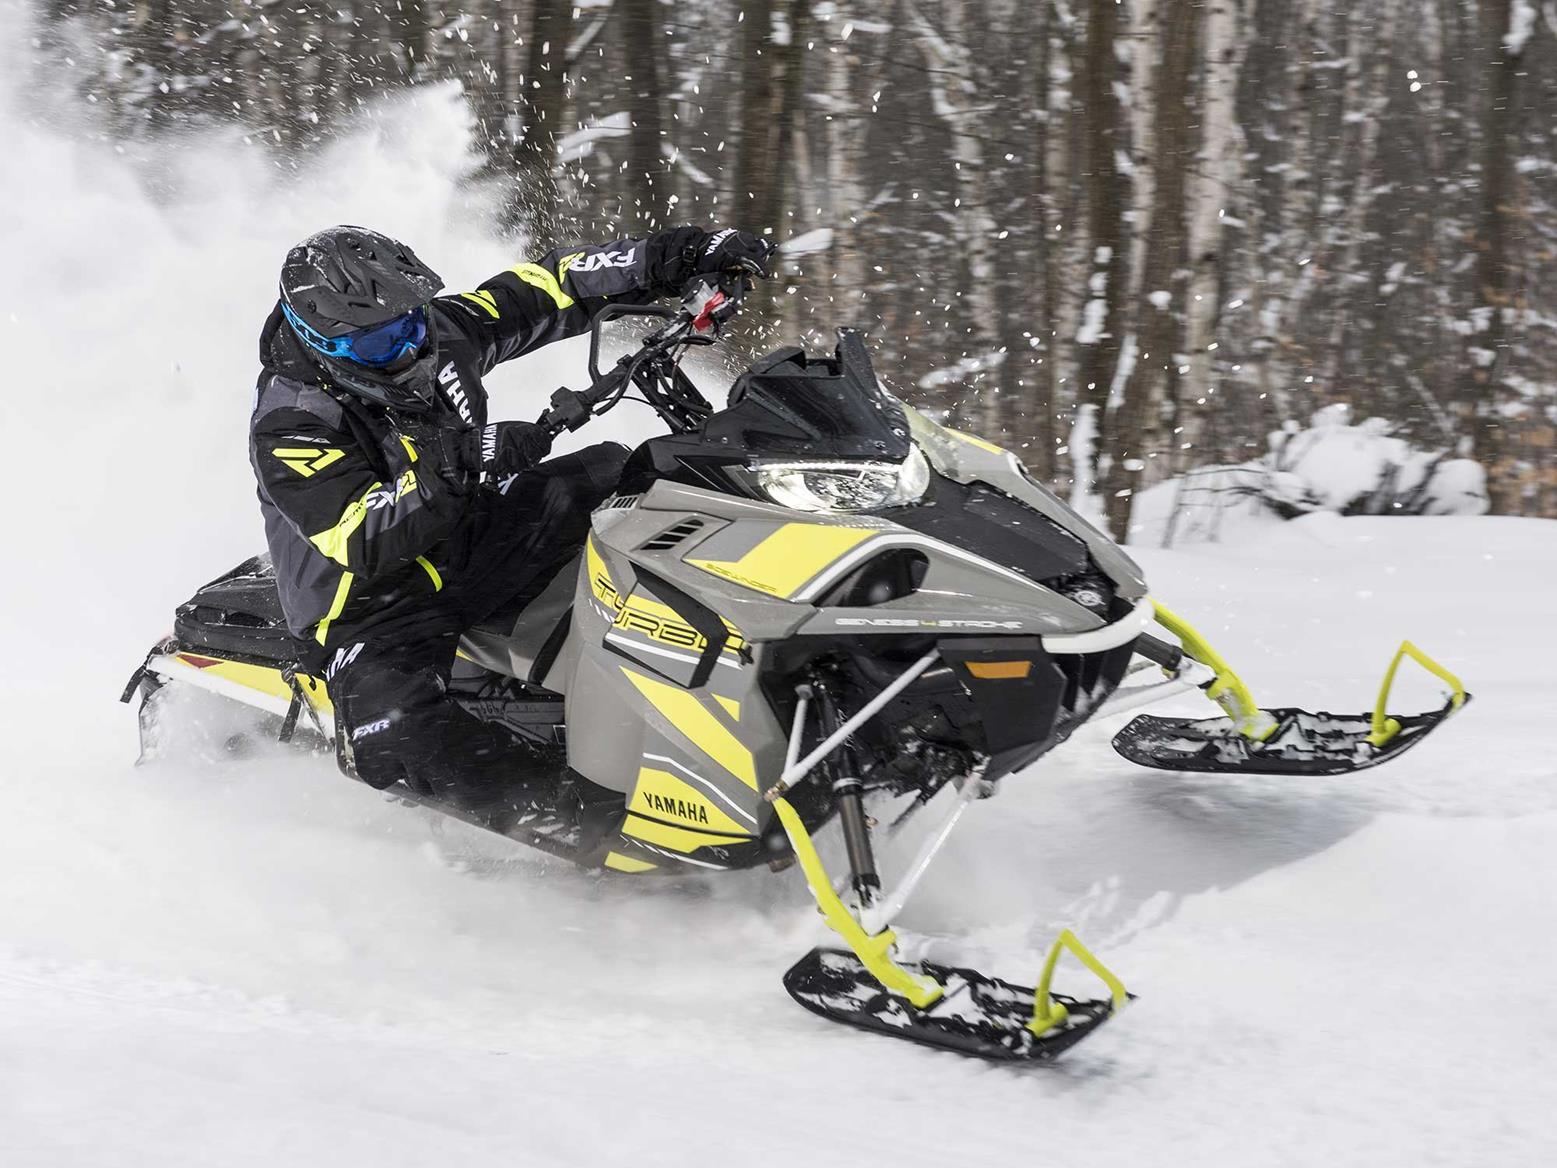 YAMAHA YZ450FX 2016 SNOWBIKE YETI |Yamaha Zuma Snow Kit